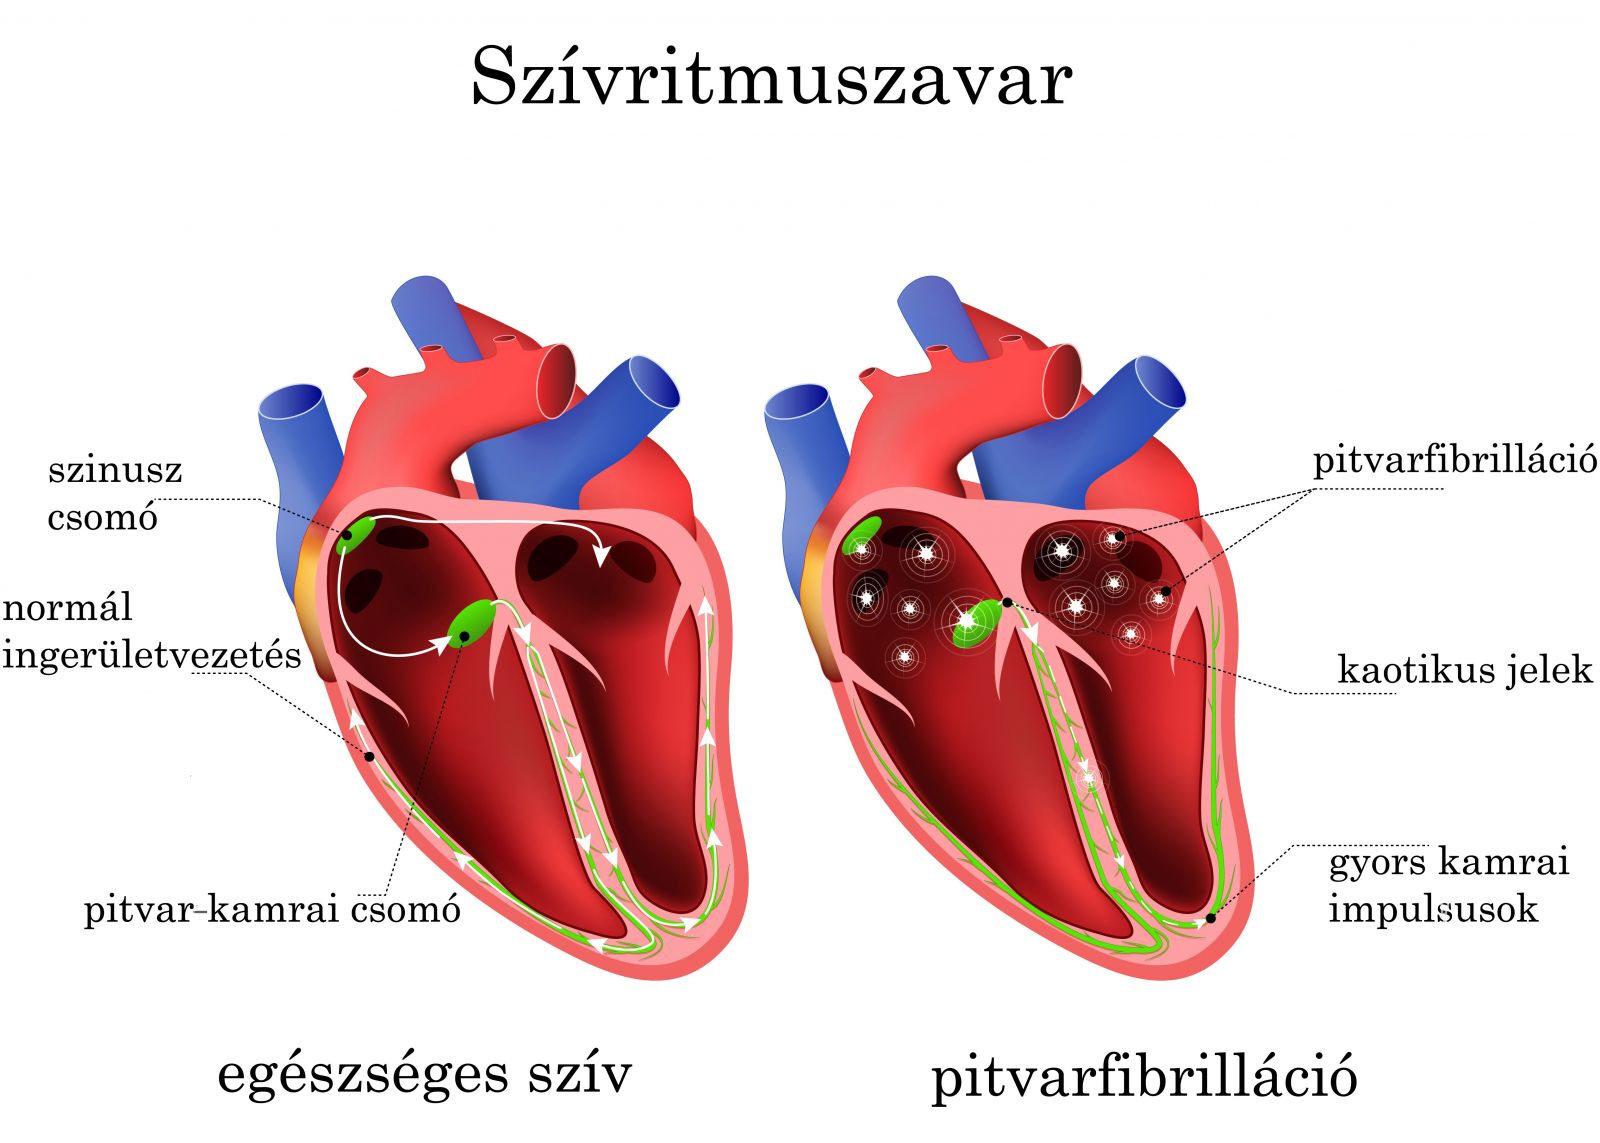 Szívritmuszavar - aritmia